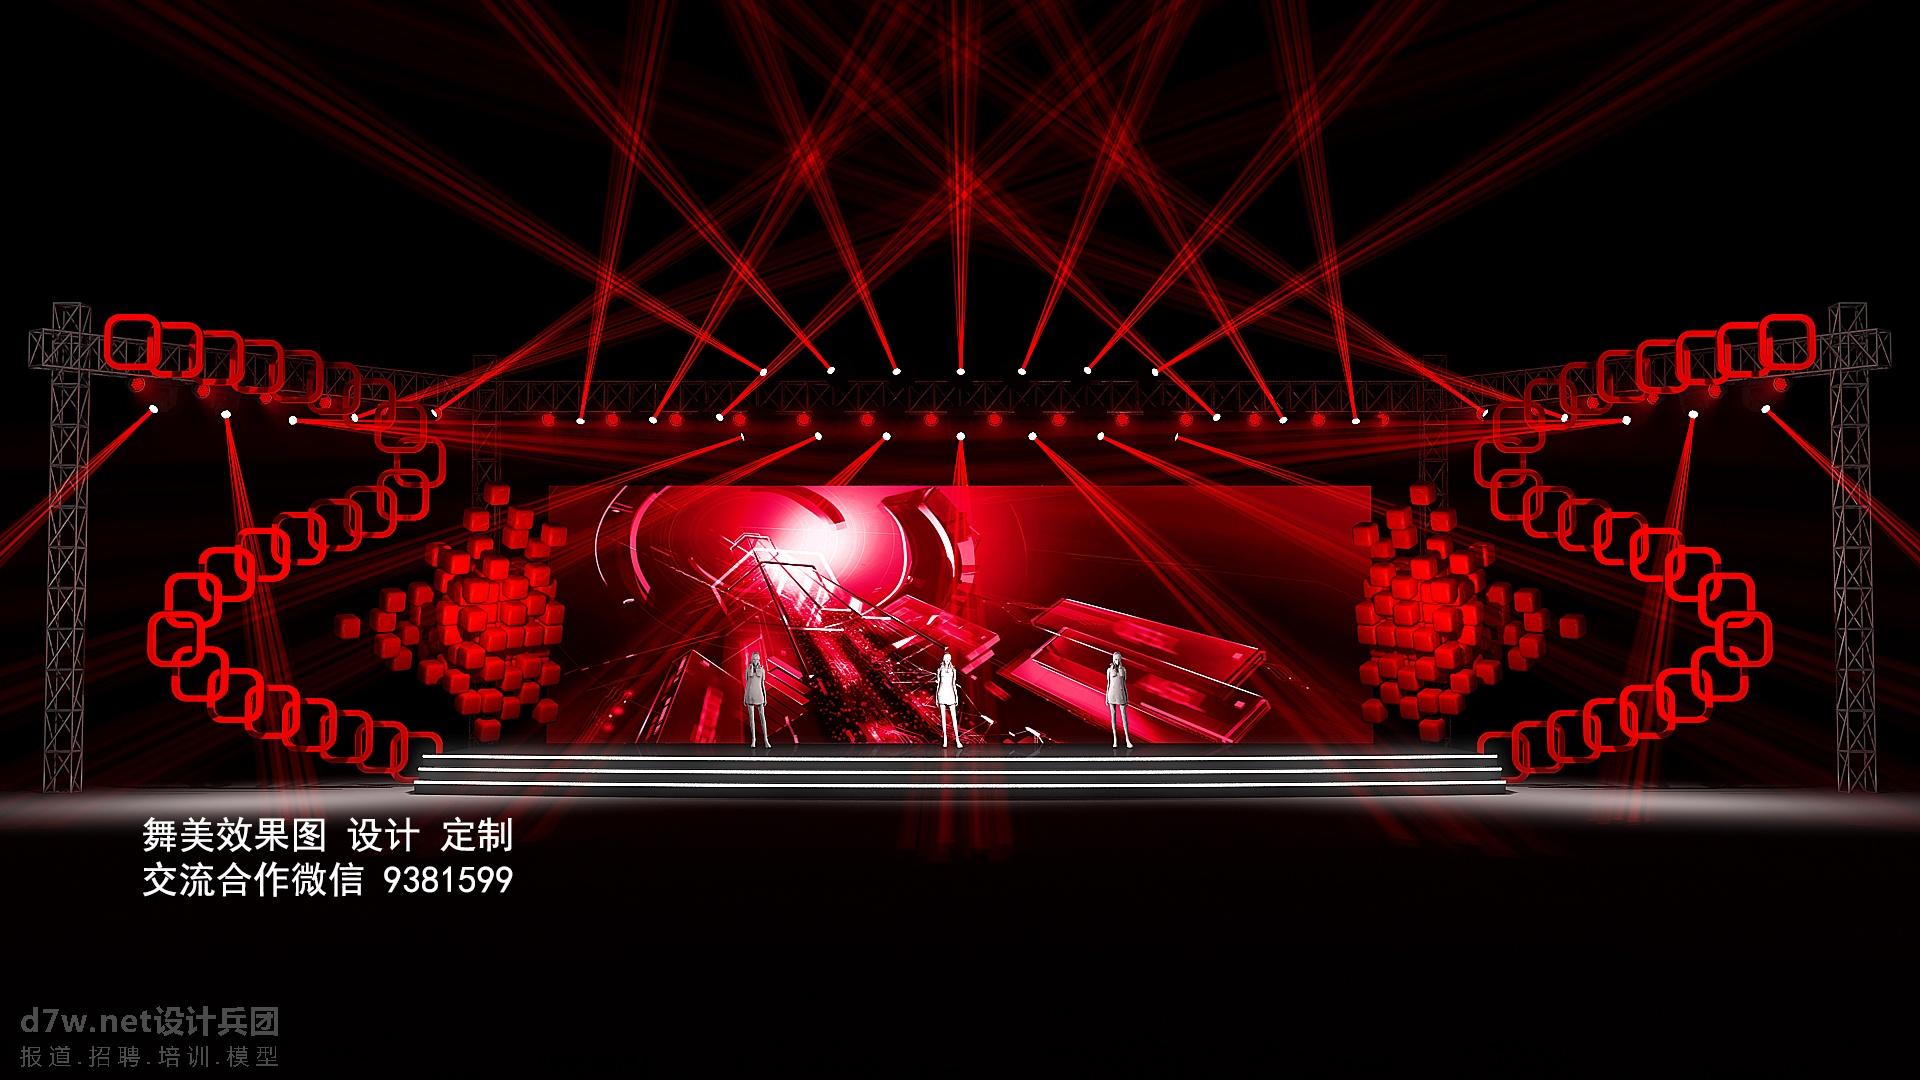 科技舞台设计 科技舞美设计 手机发布舞台 手机发布舞美 麦田舞美设计 舞美效果图 舞台效果图 舞美设计图 舞 ...